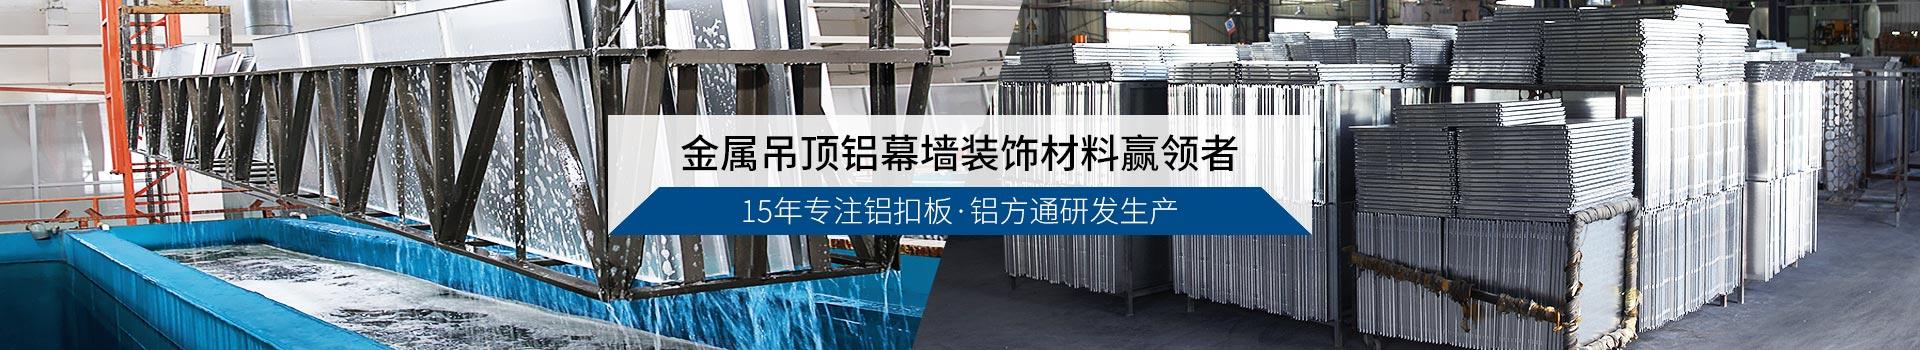 佛山美利龙源艺铝质天花生产设备 - 美利龙源艺